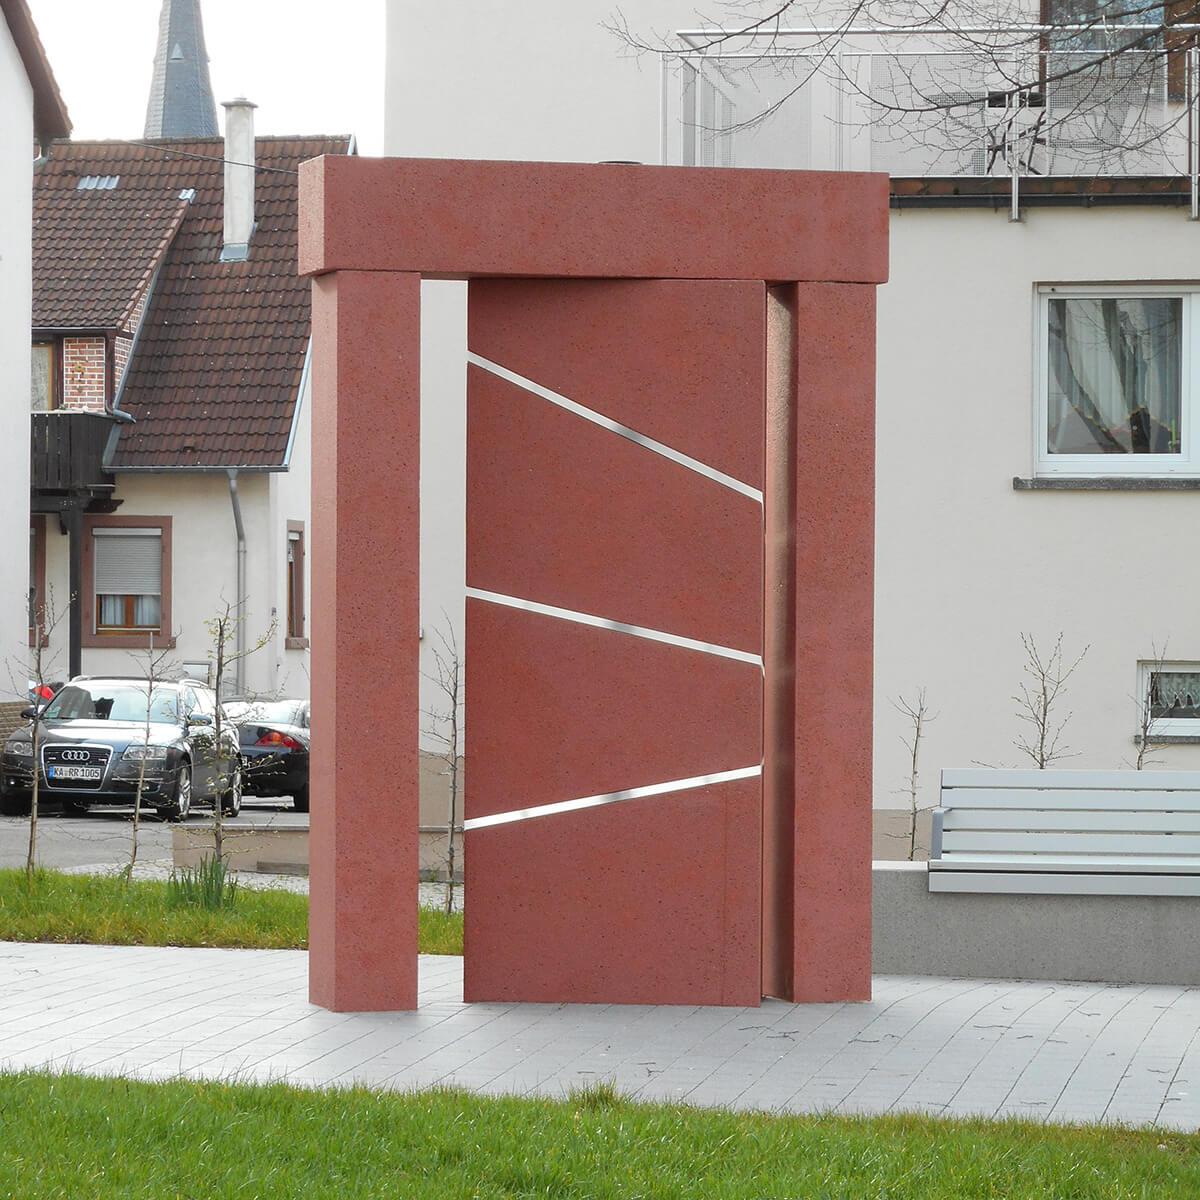 Barbara Jäger OMI Riesterer Gemeinsame öffentliche Werke Waldenser Denkmal Karlsruhe Palmbach